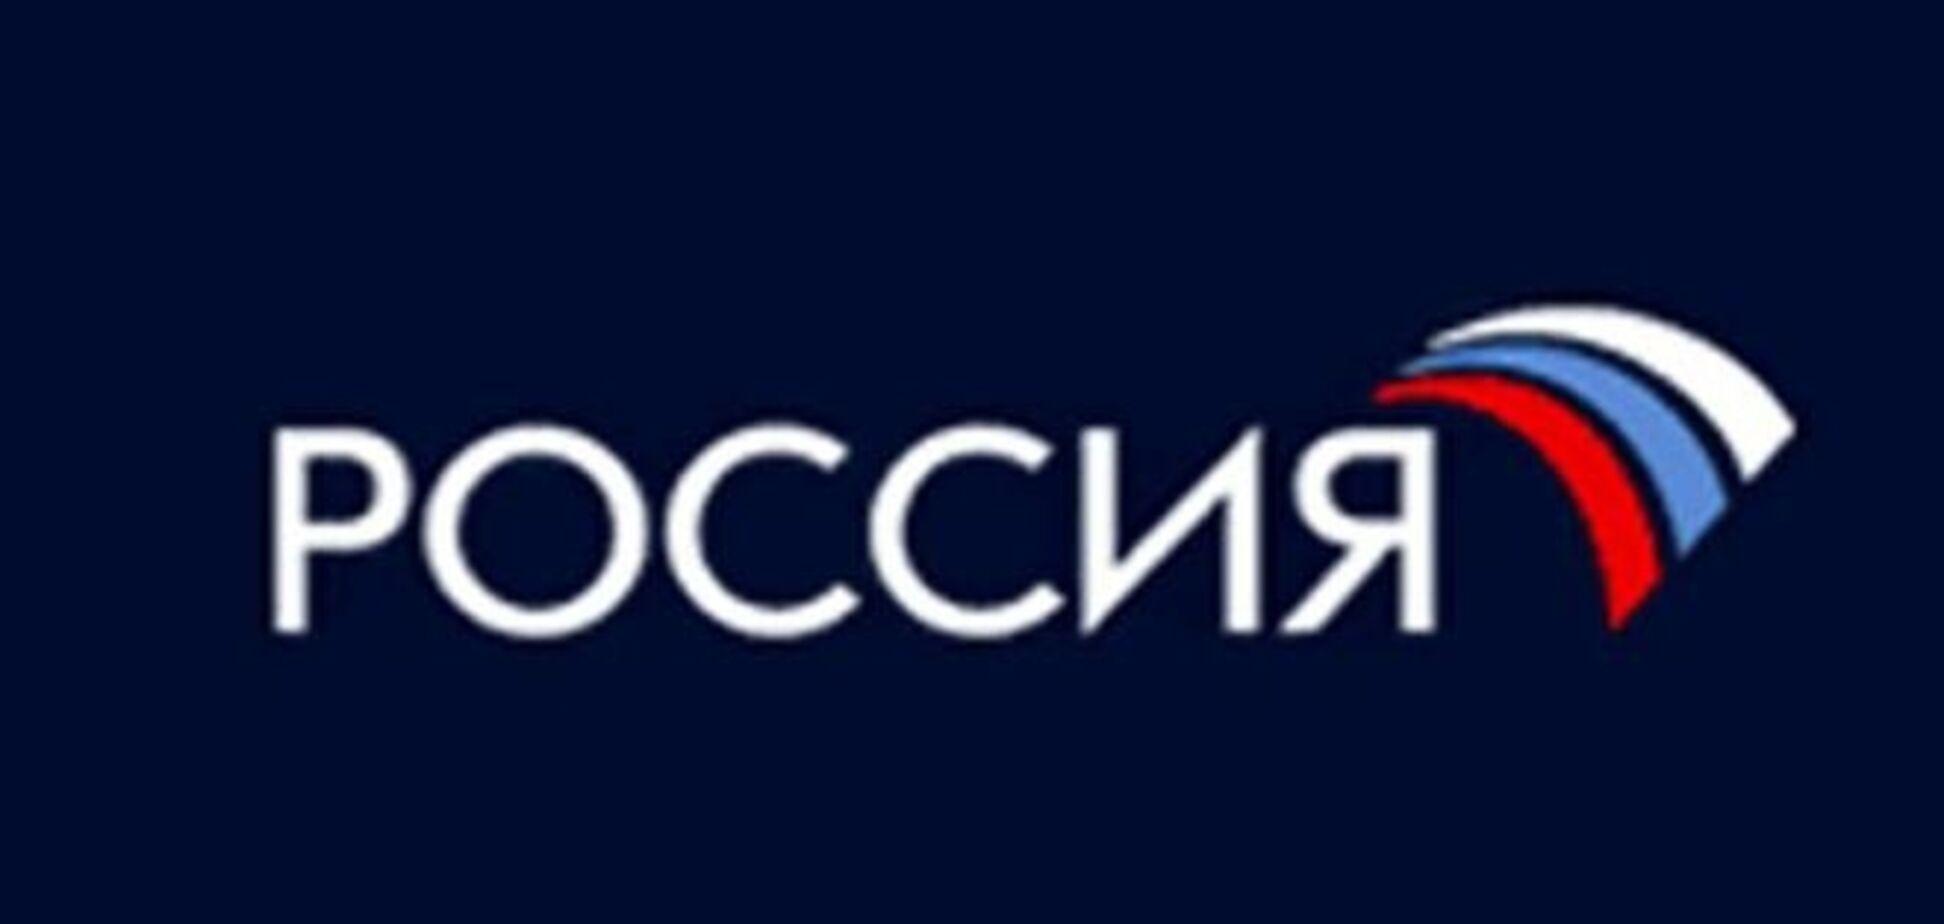 На юго-востоке Украины задержали съемочную группу телеканала 'Россия' - российские СМИ